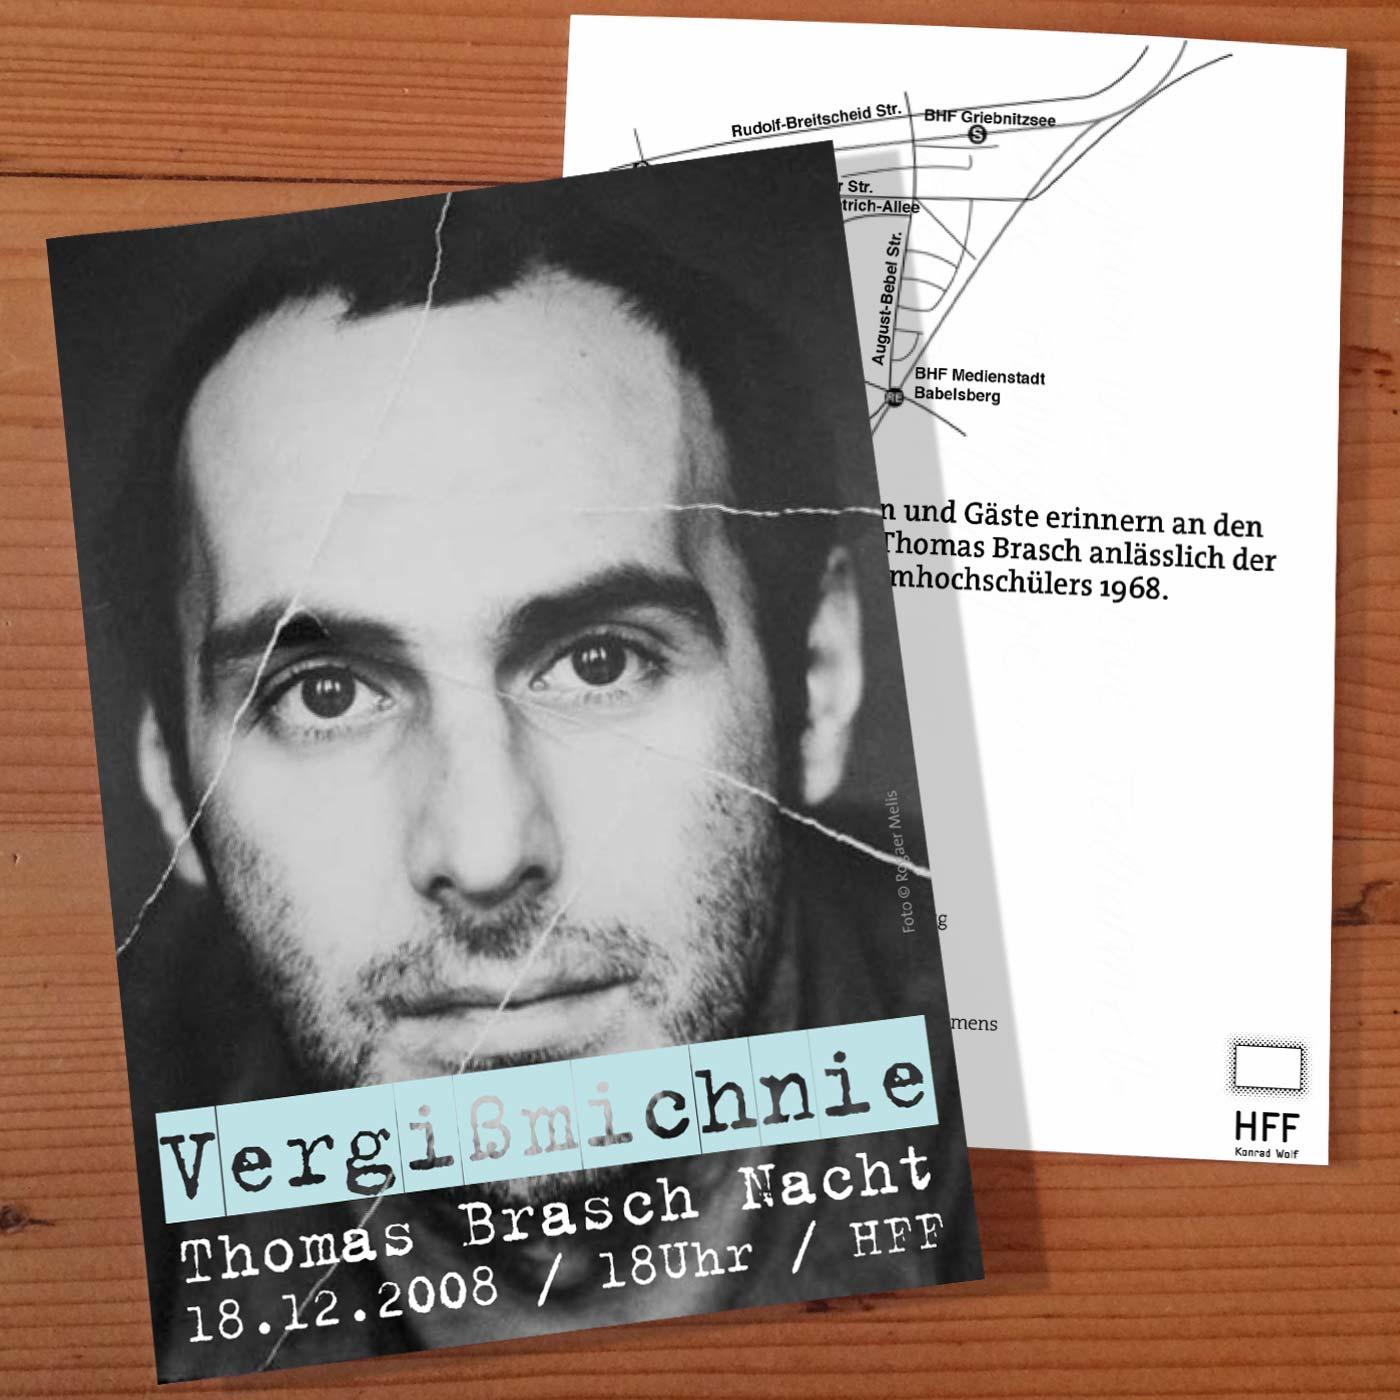 Thomas Brasch Flyer for HFF Brasch-Nacht designed by WACH designstudio and Daniel Grötzsch